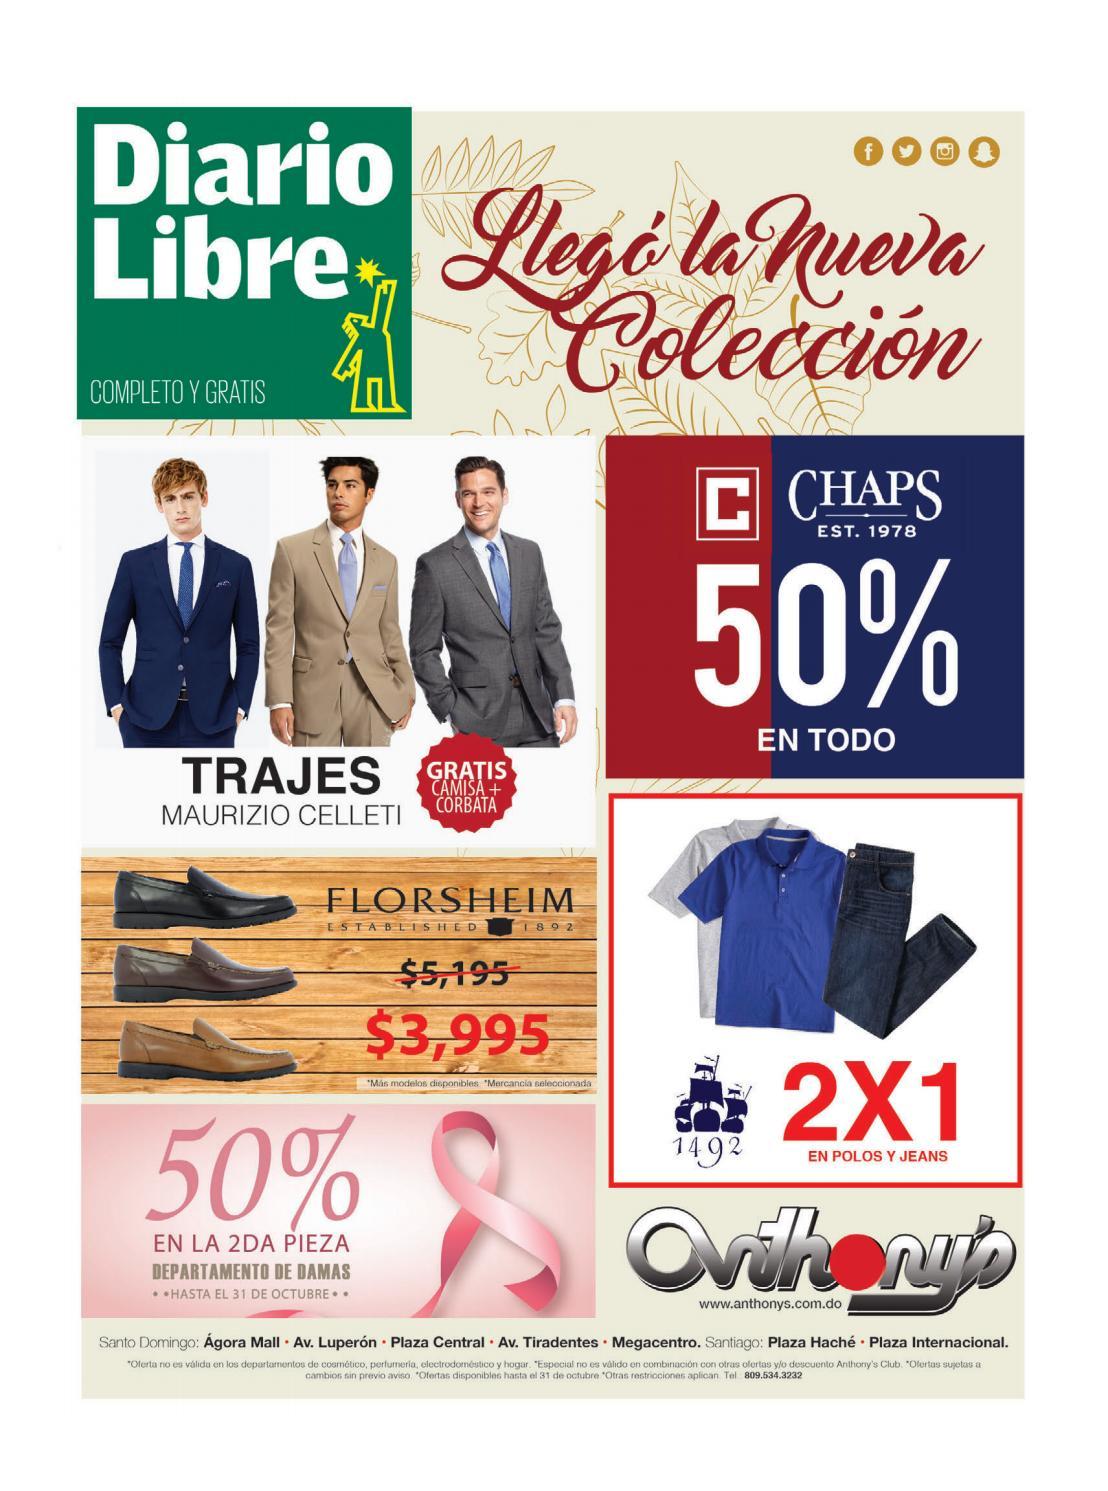 Diariolibre4687 by Grupo Diario Libre, S. A. - issuu